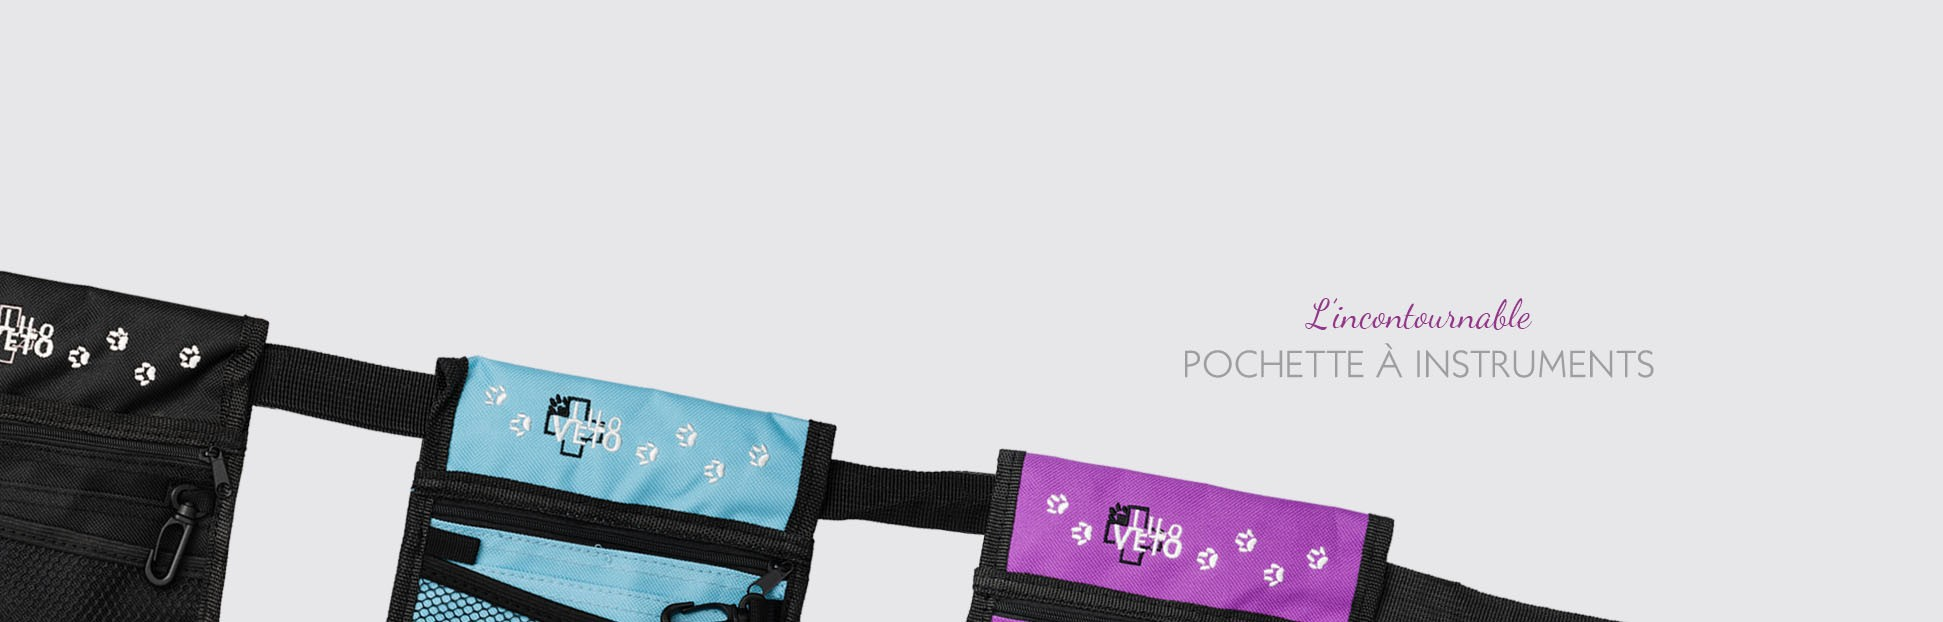 pochettes-instruments